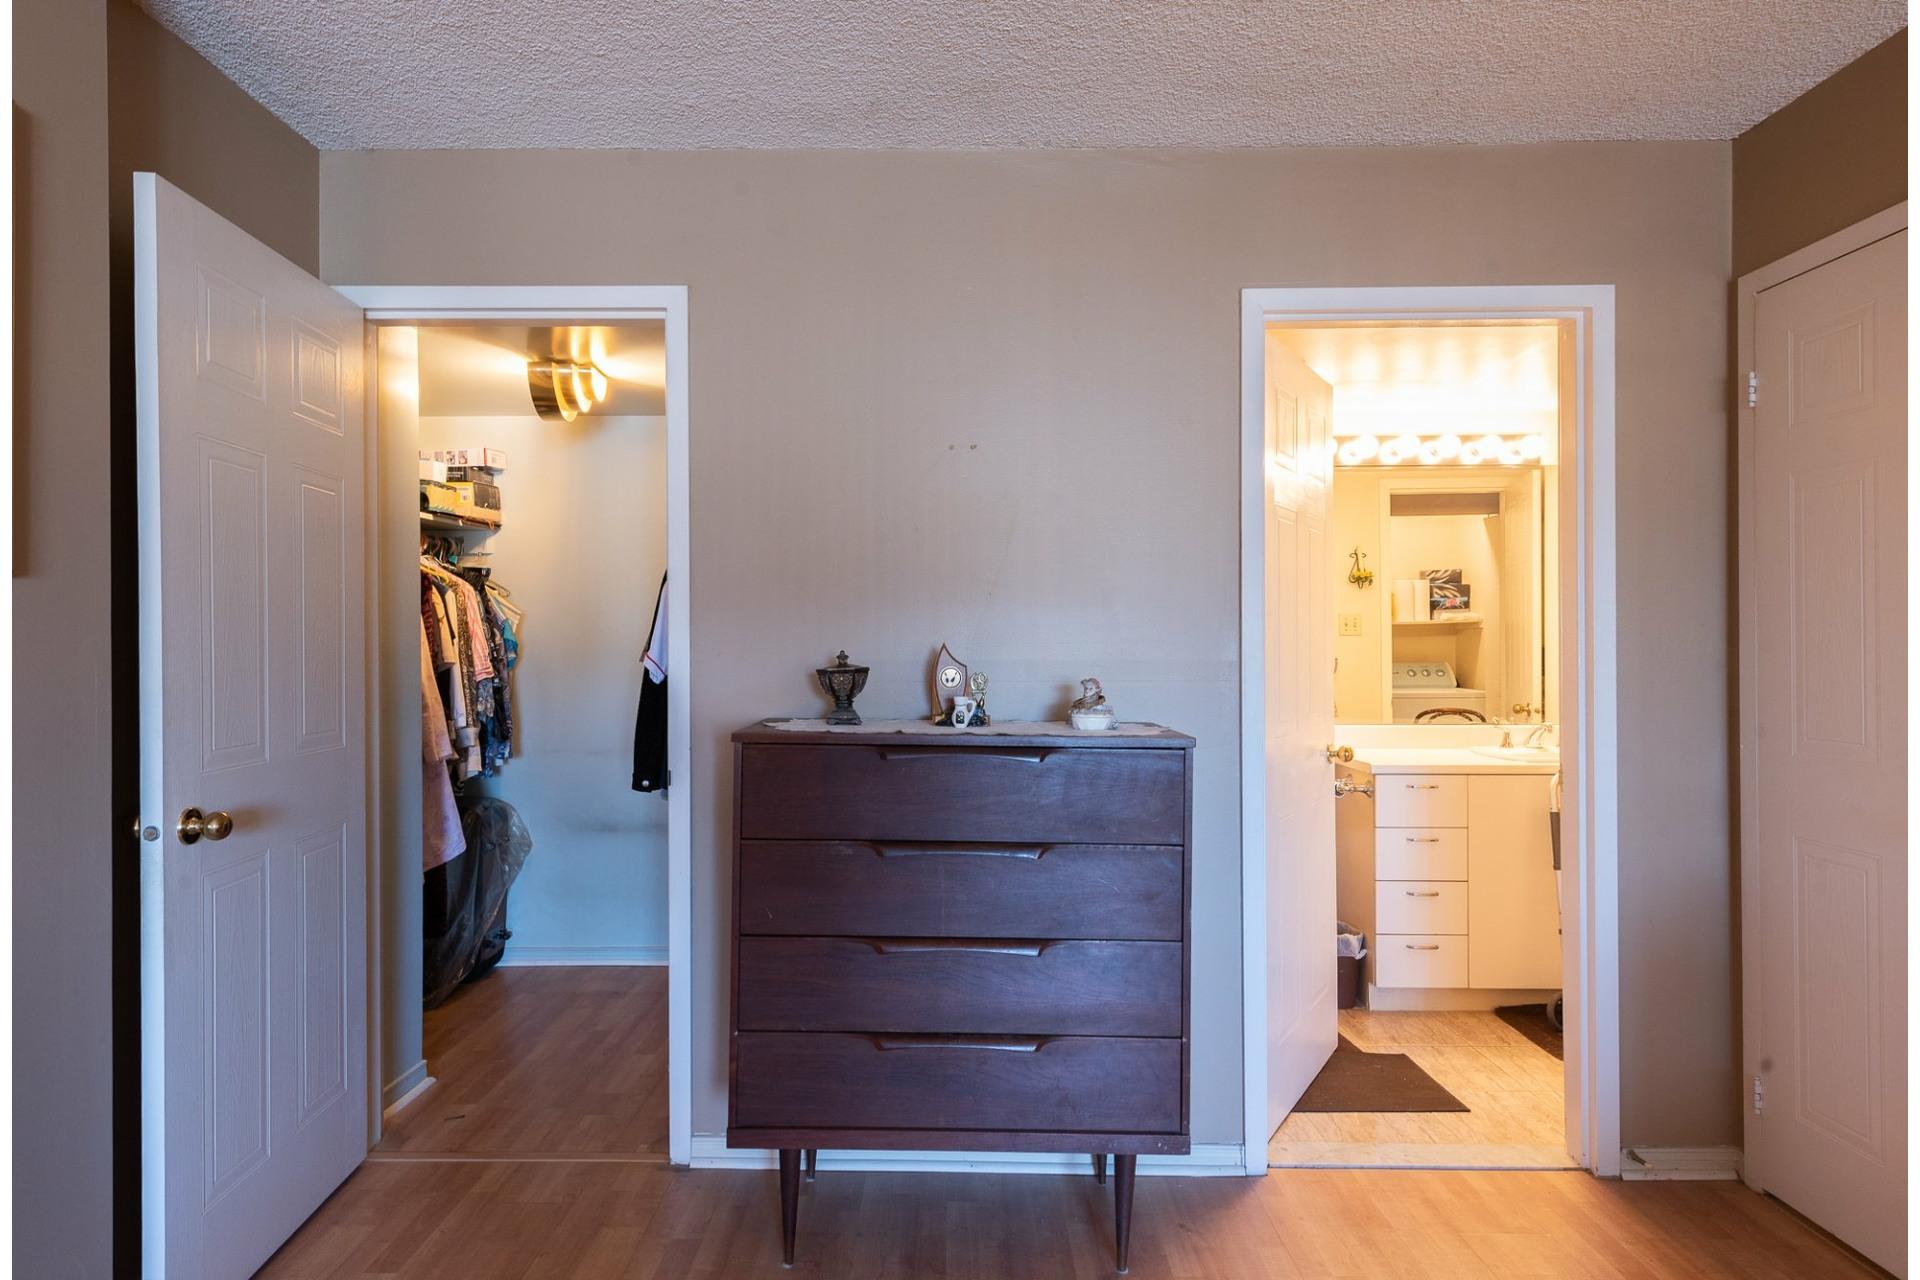 image 21 - Apartment For sale Montréal Saint-Laurent  - 5 rooms